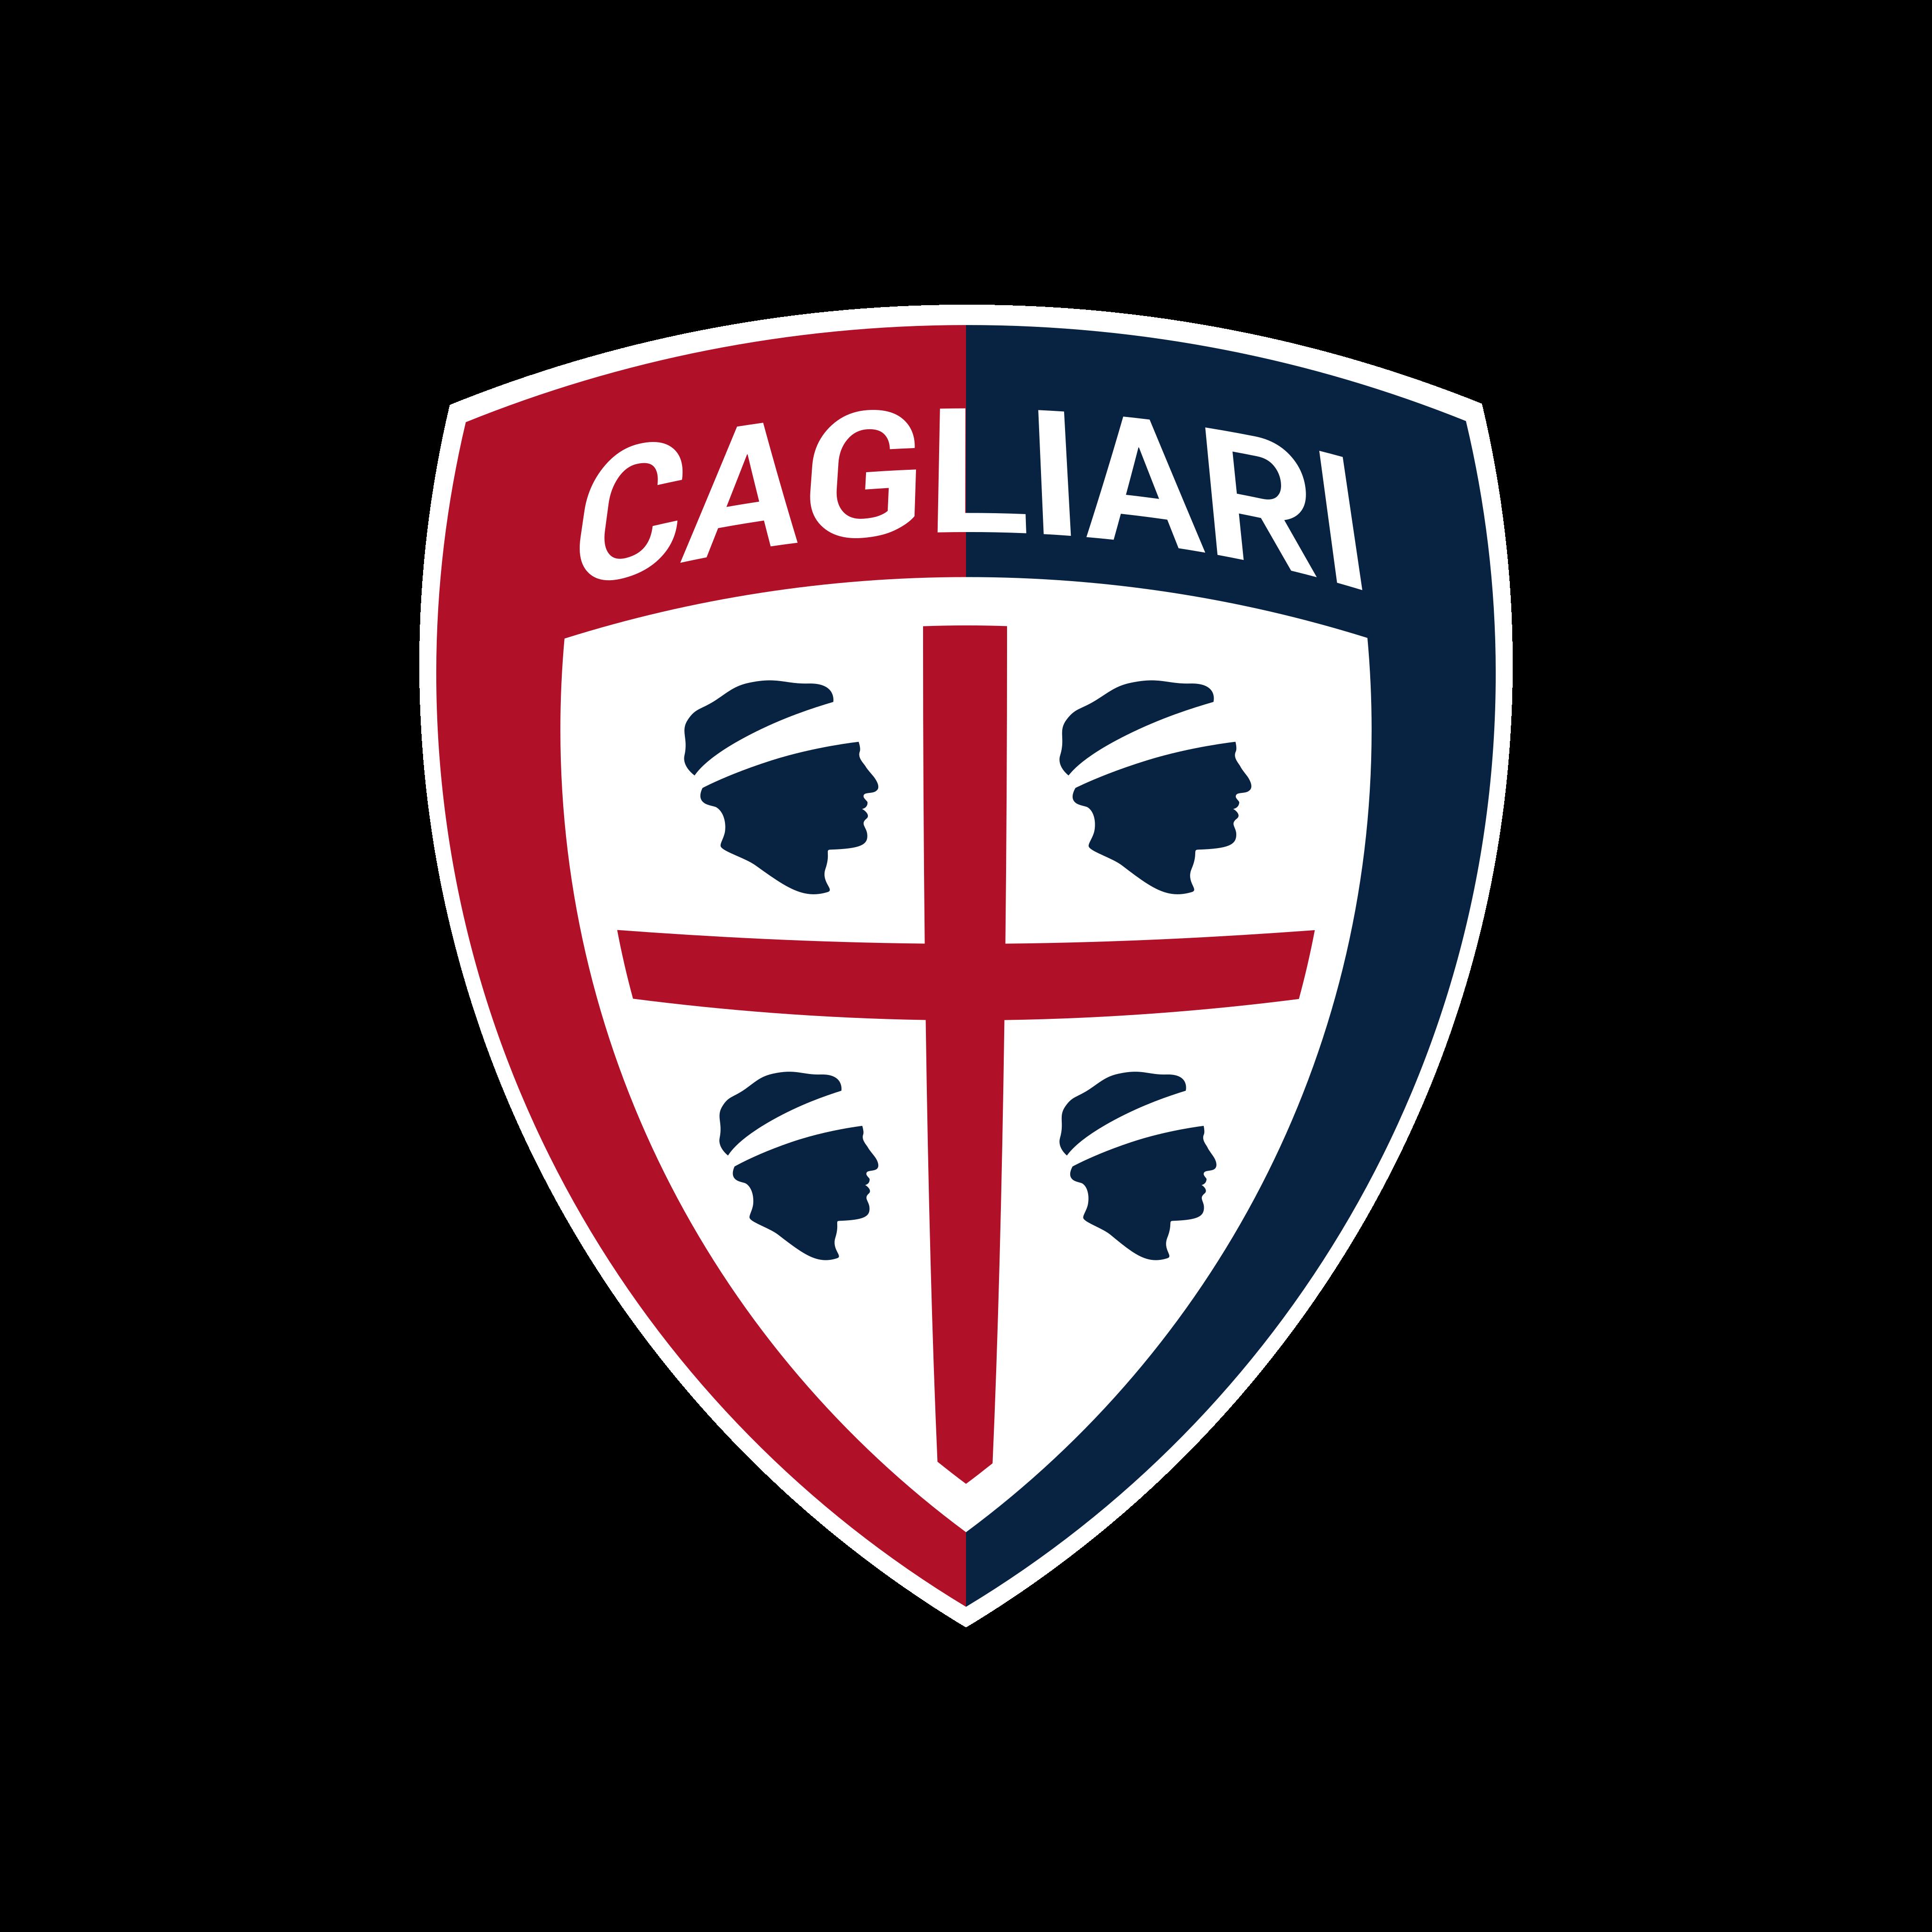 cagliari logo 0 - Cagliari Logo